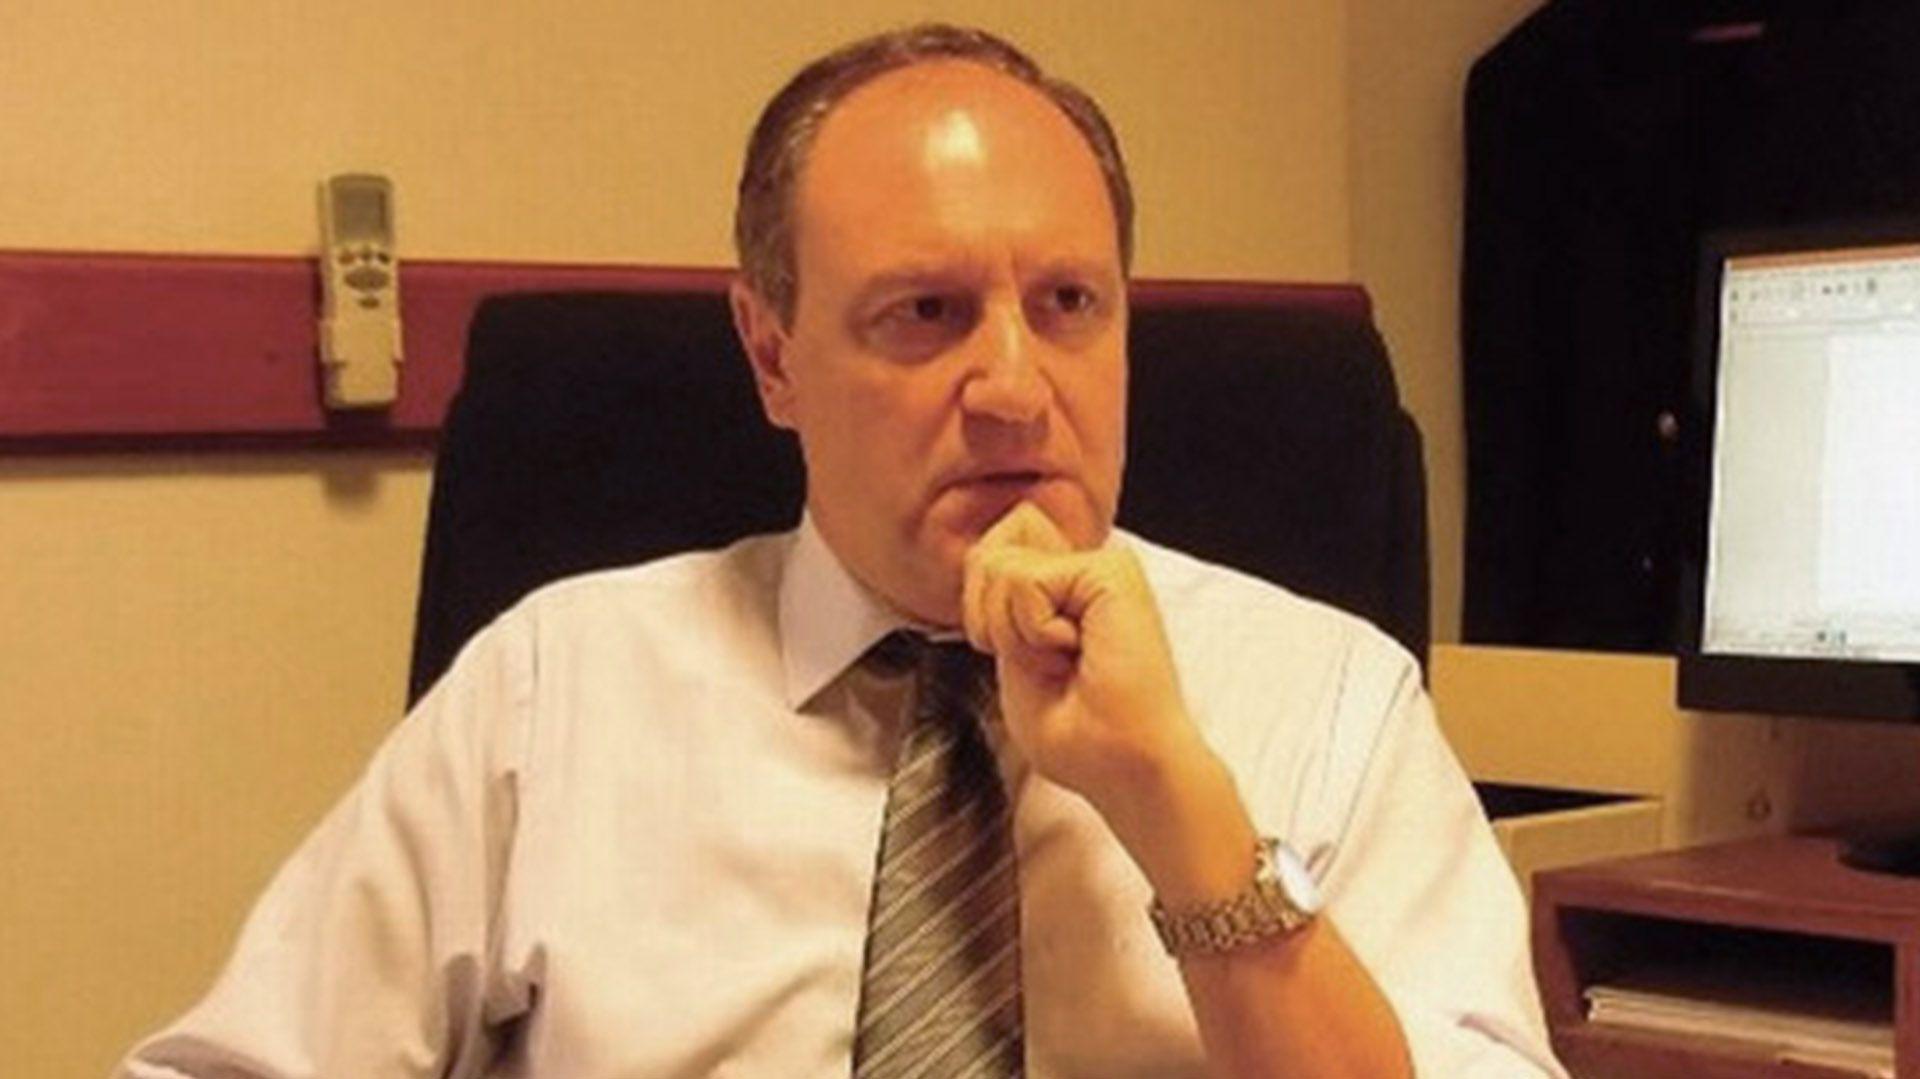 """""""Debemos resguardar la seguridad de los trabajadores marítimos de ultramar, de cabotaje marítimo, fluviales y pesqueros"""", sostiene Jorge Bianchi, del Centro de Patrones de Pesca y Cabotaje Marítimo"""